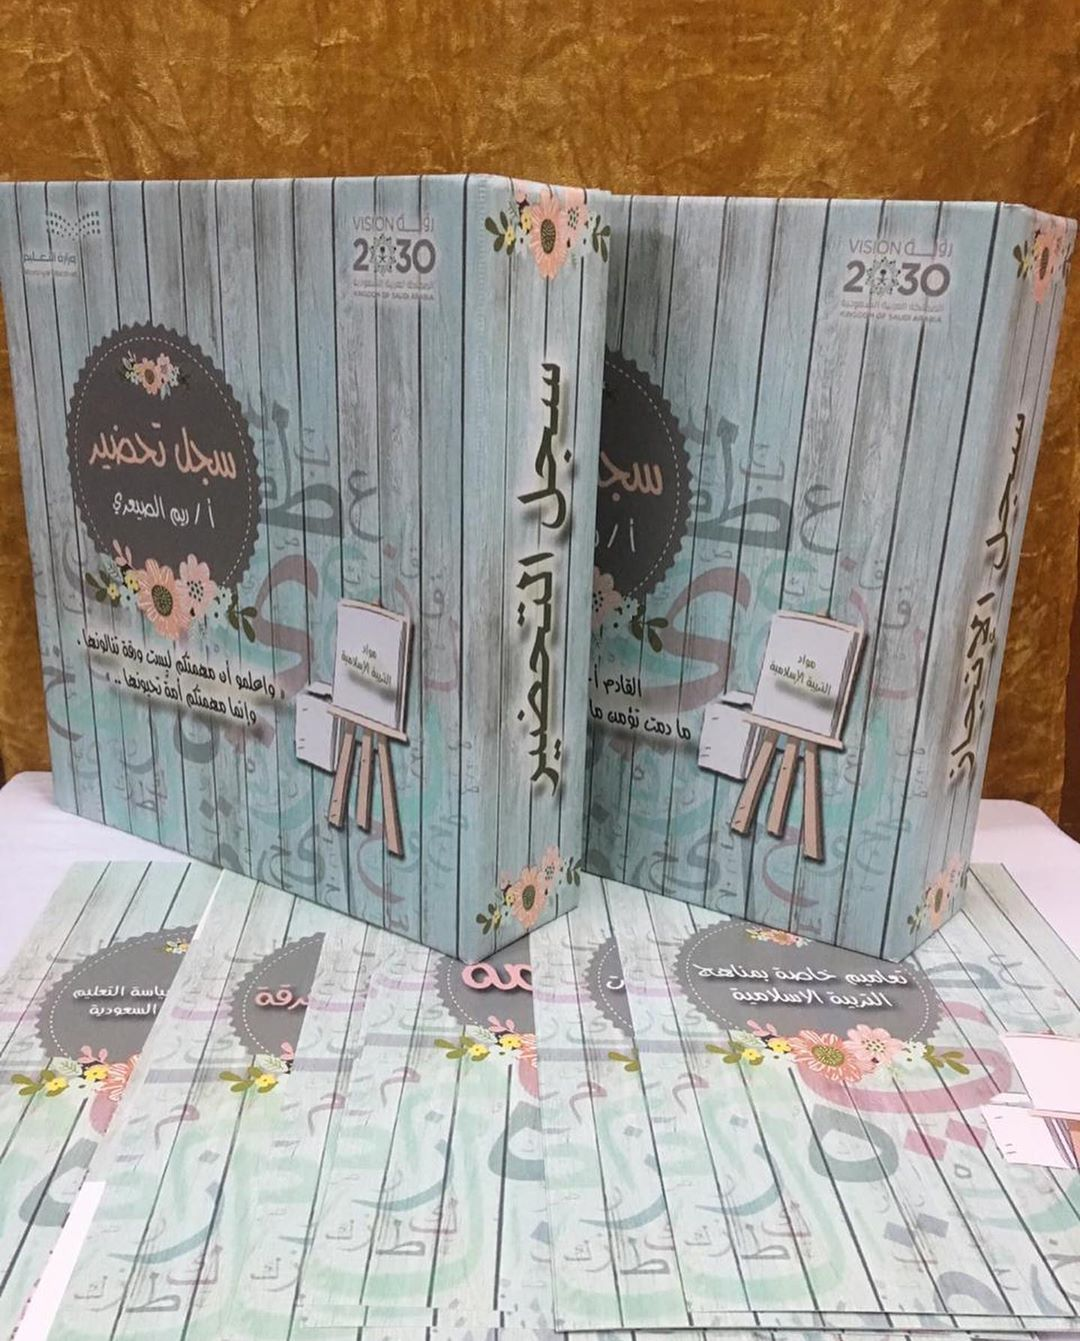 سجل الإنجاز سجل التحضير القادم أجمل وستلقى خيرا ما دمت تؤمن ما دومت تسعى وما دمت تأمل Book Cover School Books